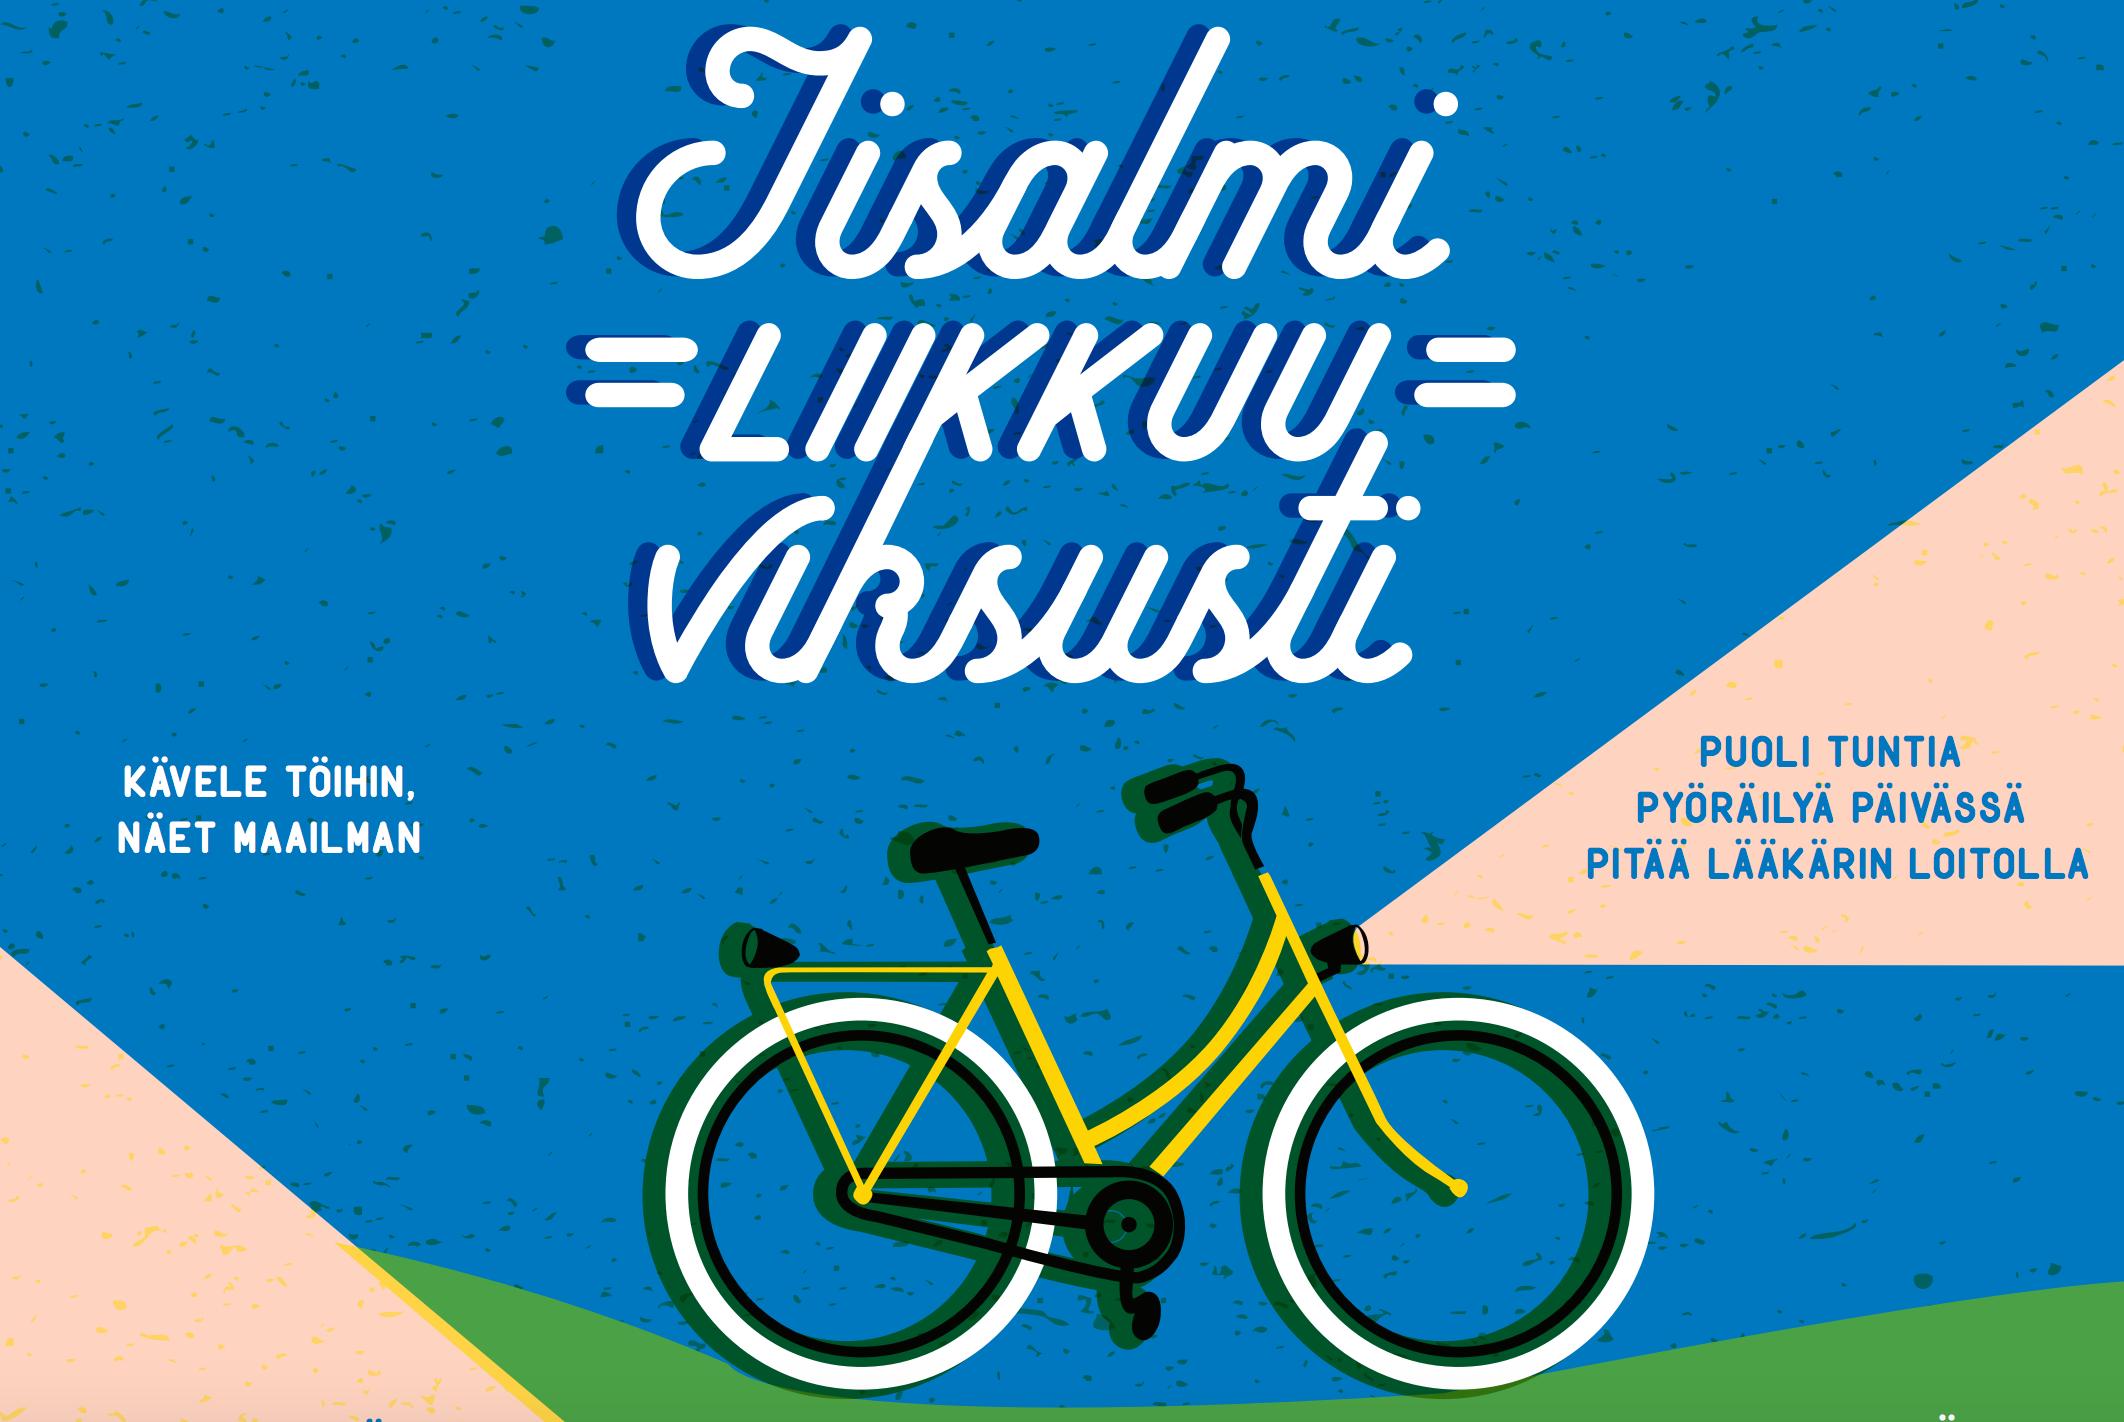 Iisalmi liikkuu viisaasti -kampanja markkinoi työmatkapyöräilyä ja kävelyä. (Kuva kampanjajulisteesta)